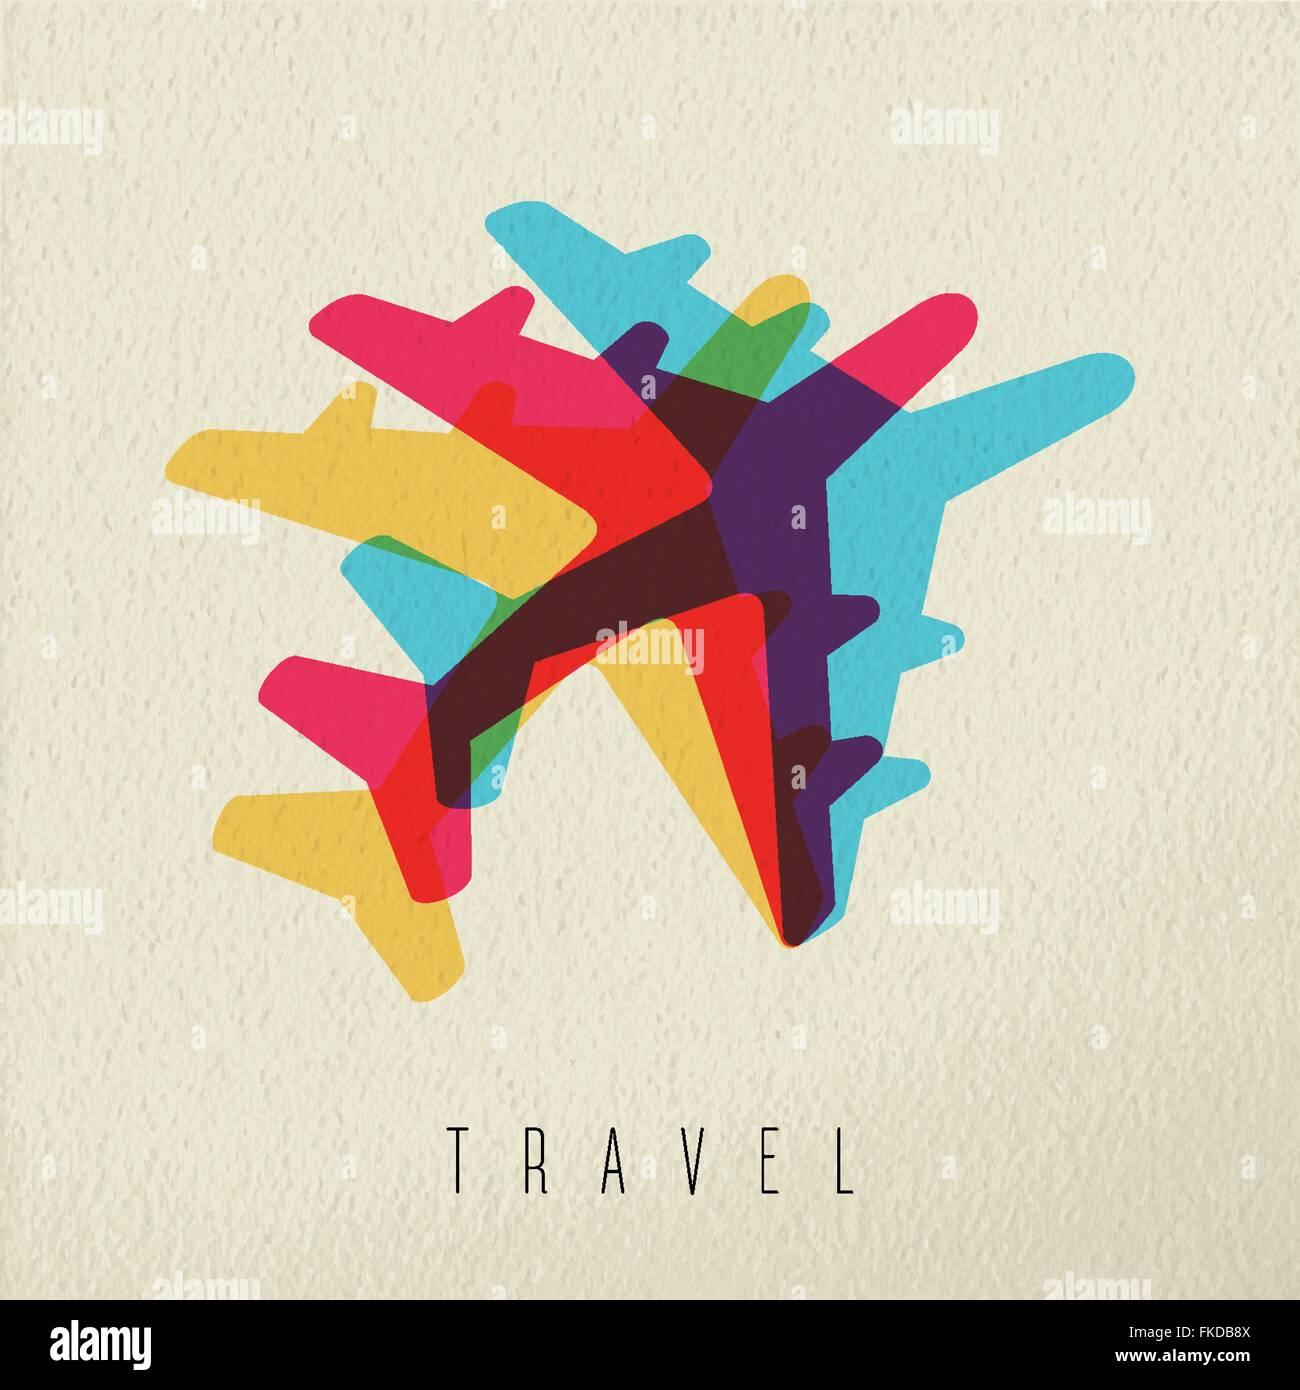 Travel concept illustration avec des jet silhouette sur fond de texture. Vecteur EPS10. Photo Stock